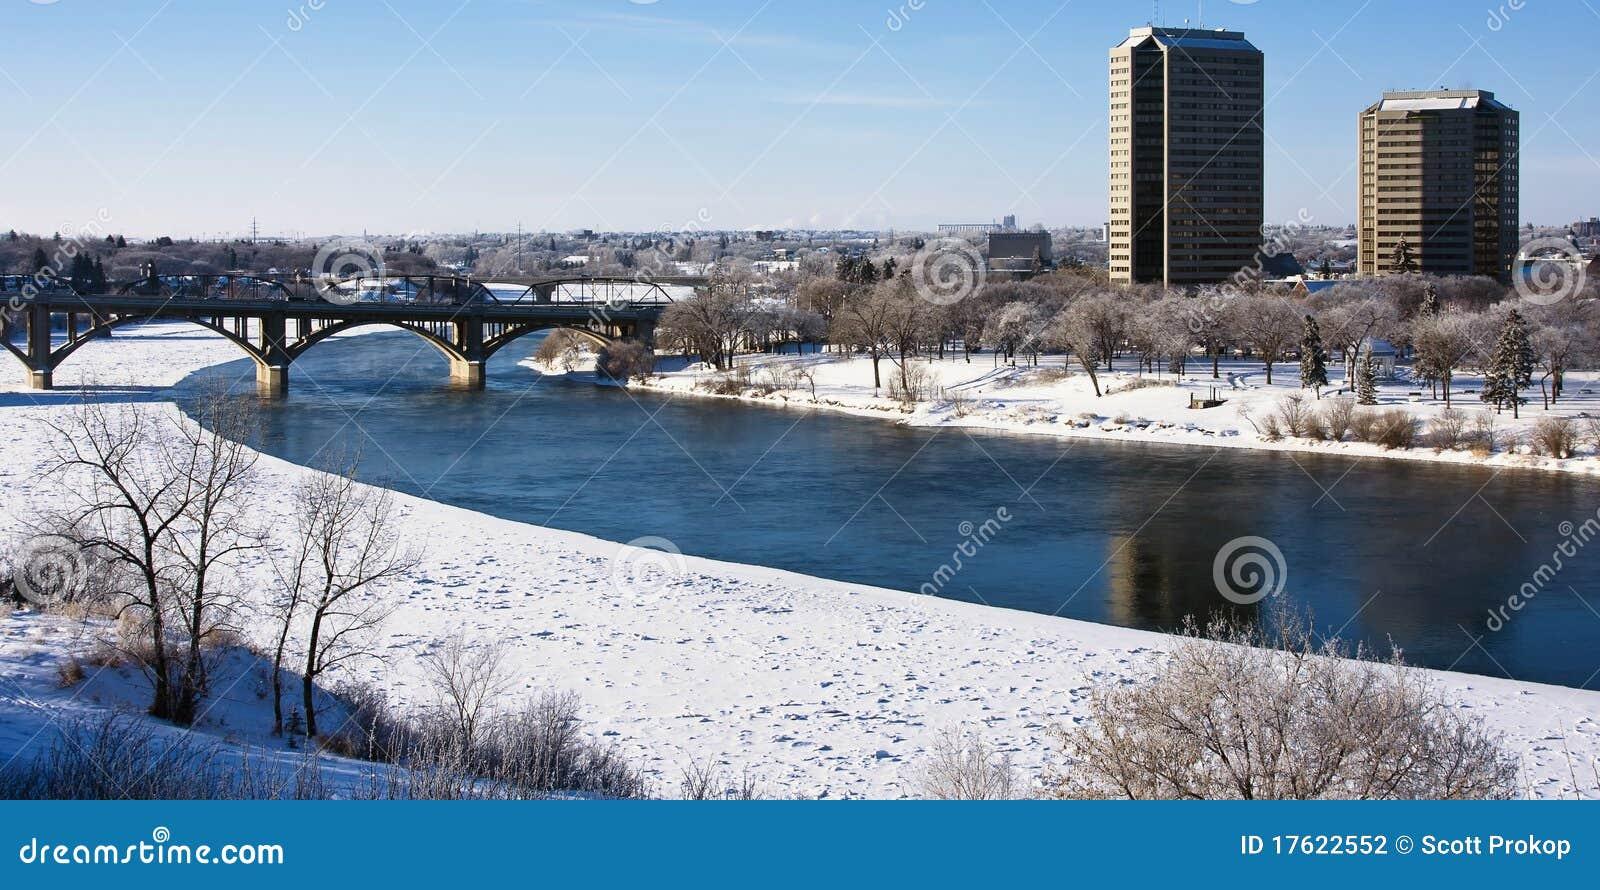 Und architektur an einem eisigen wintertag in saskatoon, kanada